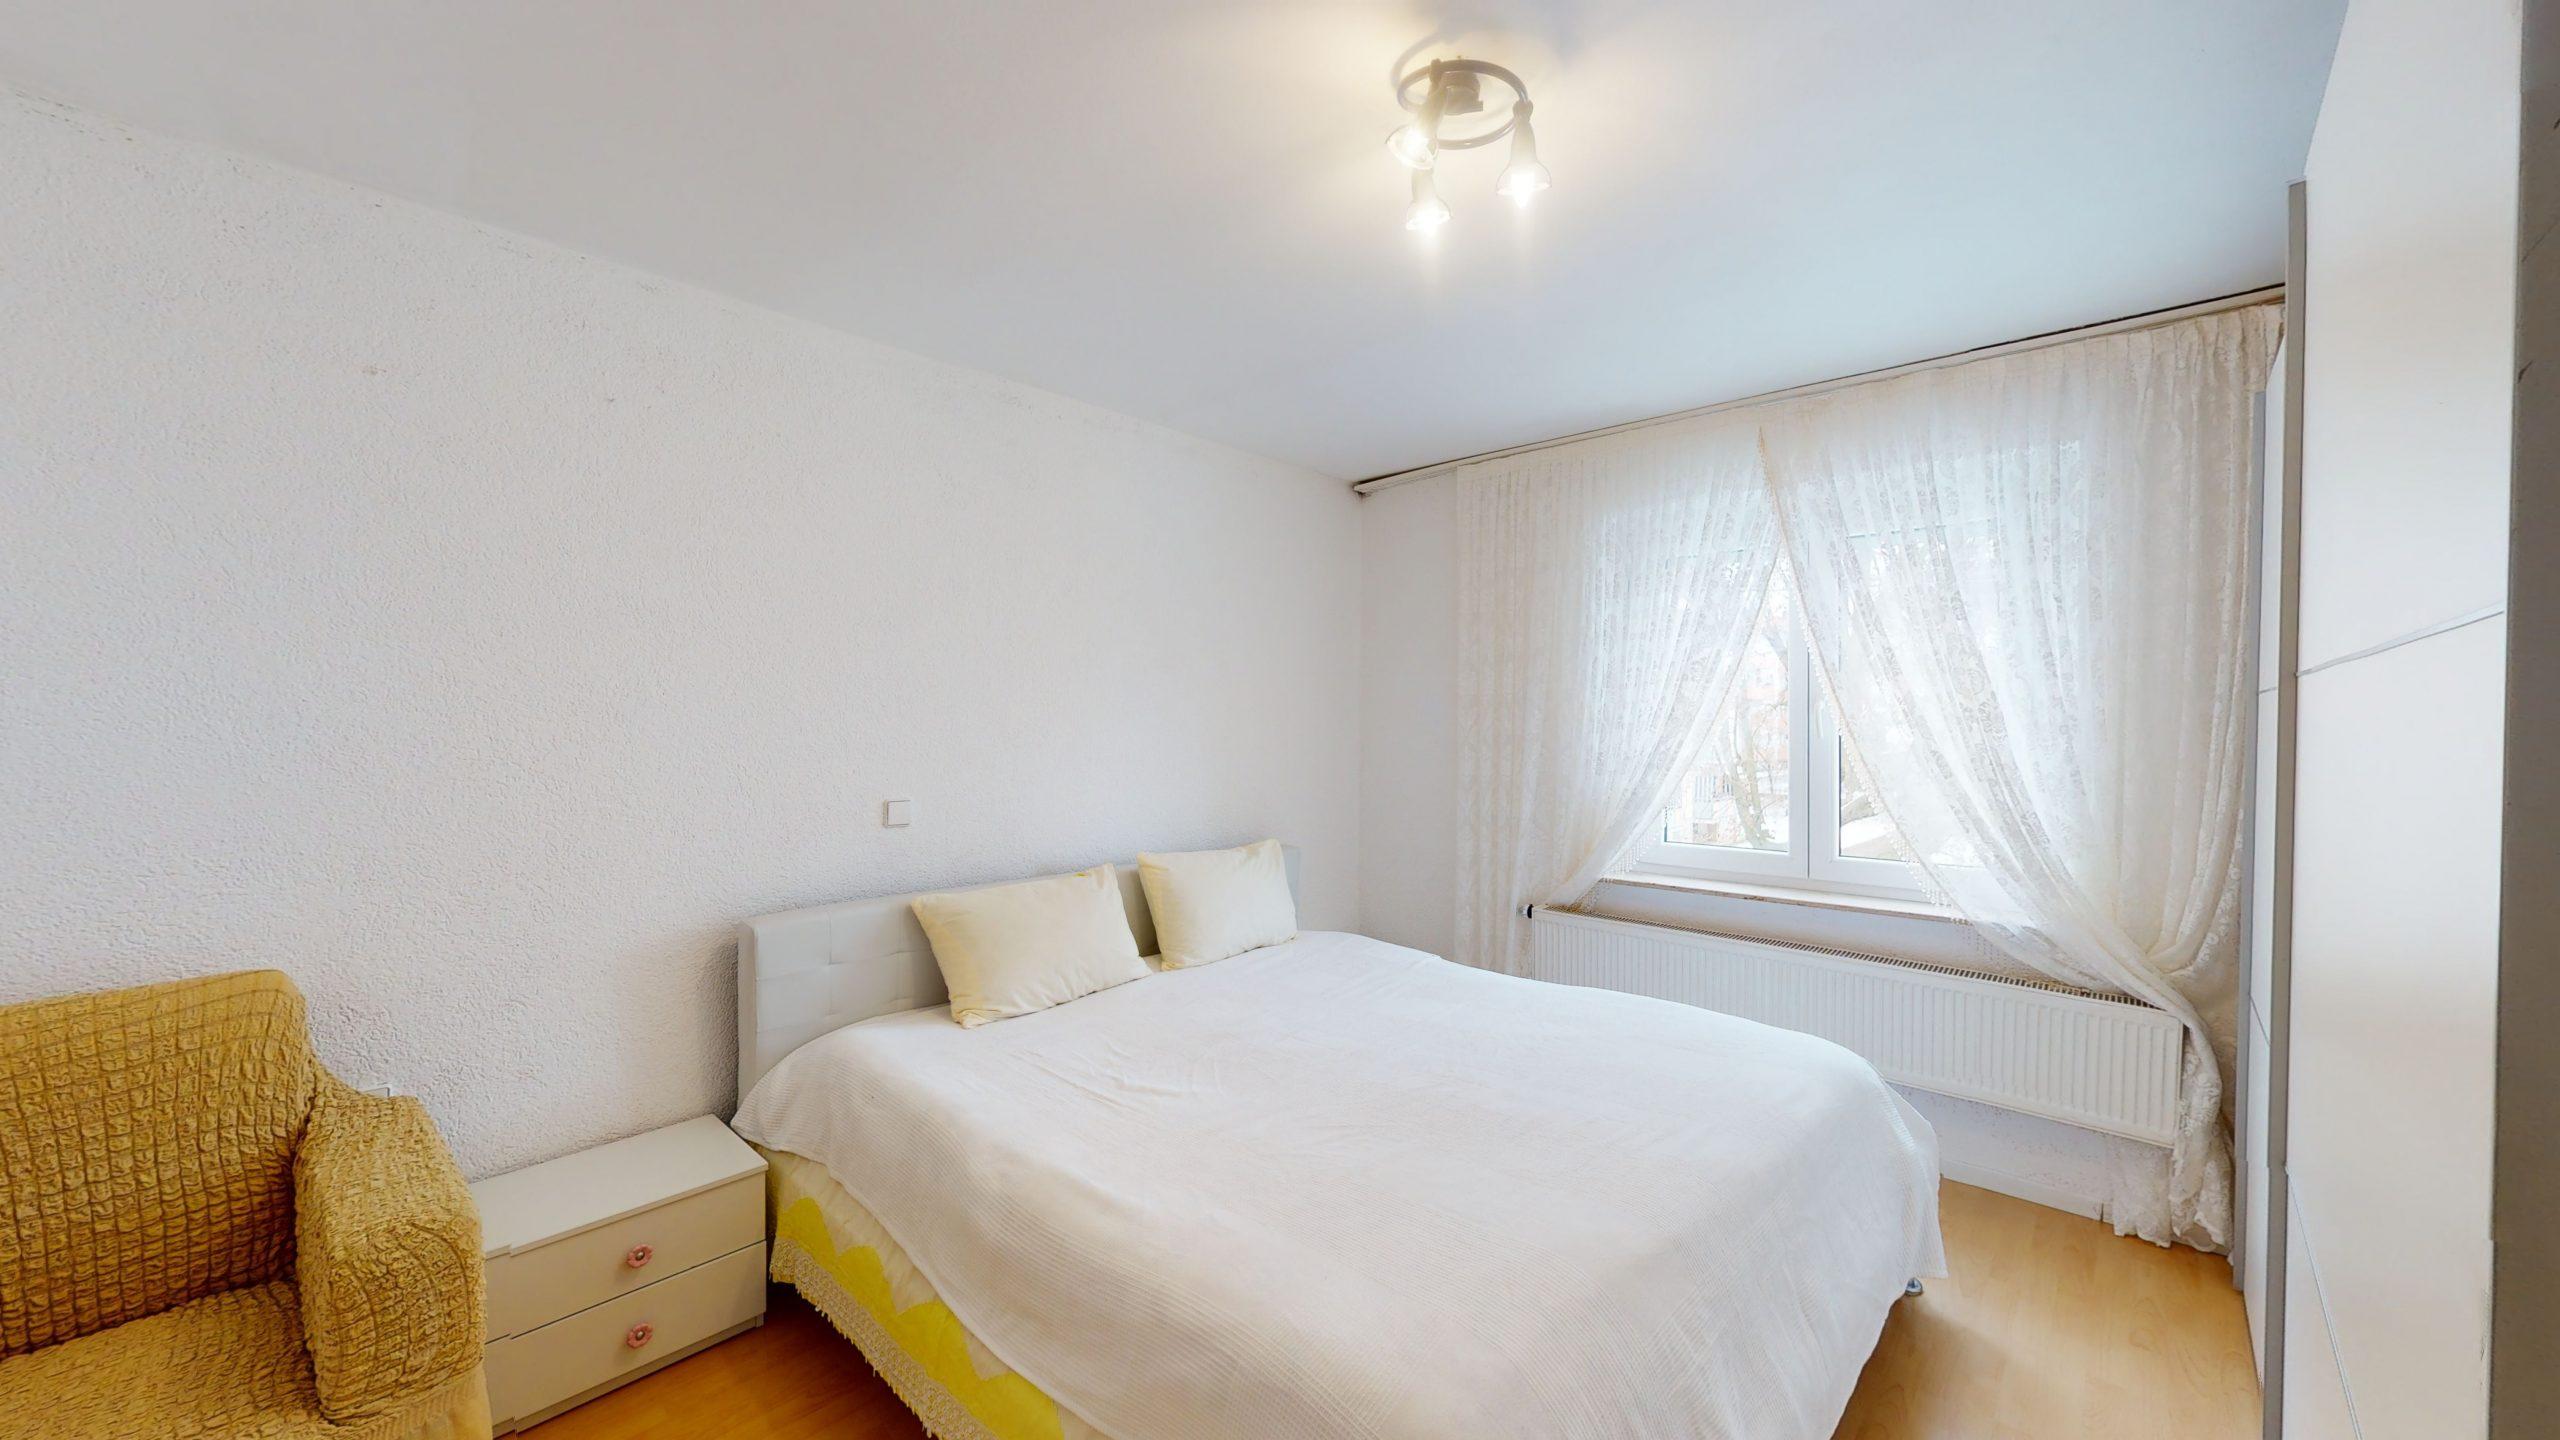 Schone-4-Zimmer-Wohnung-mit-2-Balkonen-und-viel-Platz-in-Altbach-02162021_101653